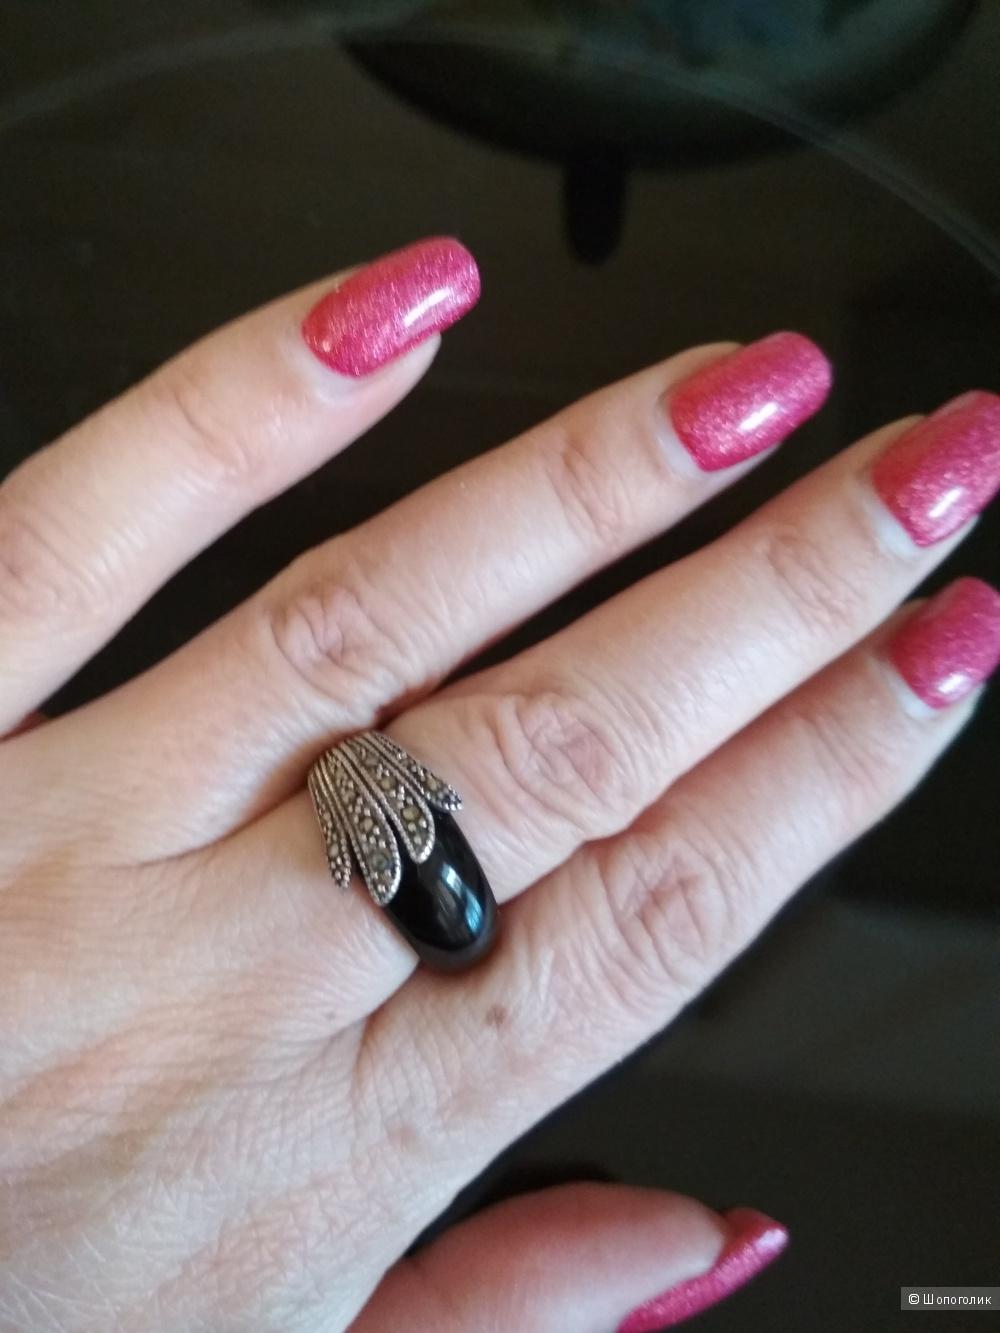 Кольцо с черным агатом и марказитами, серебро, р. 16,5.